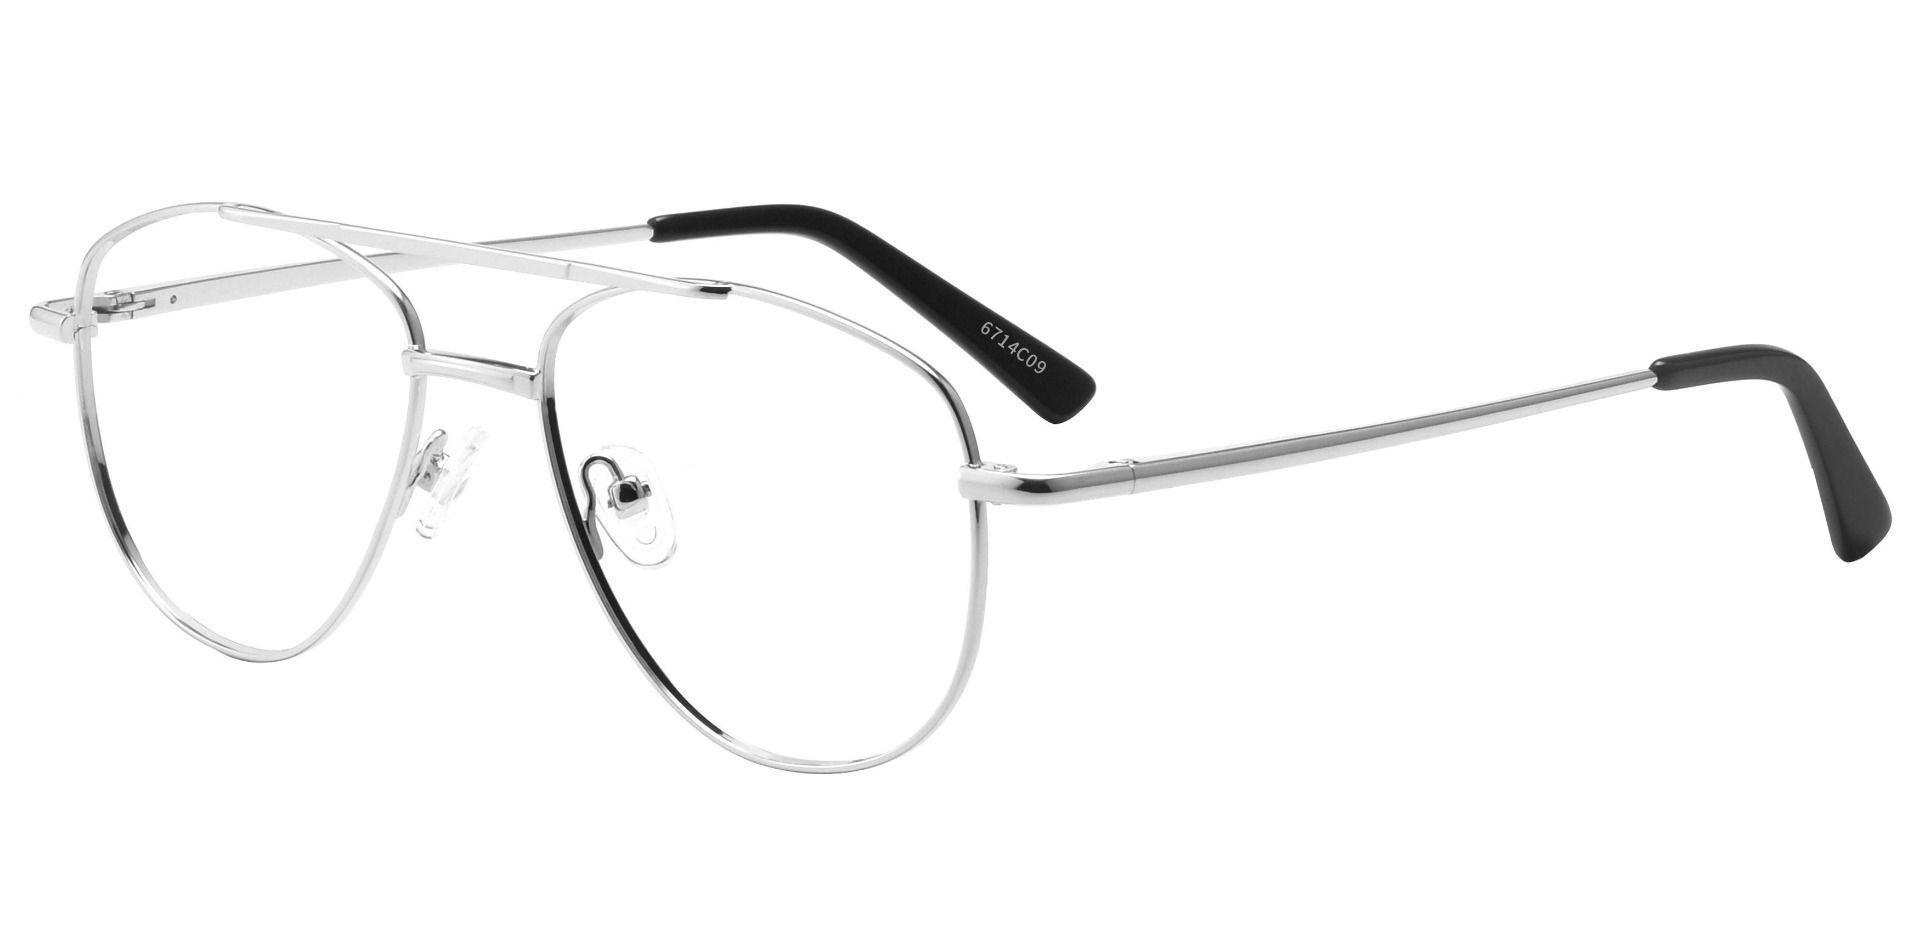 Dwight Aviator Prescription Glasses - White